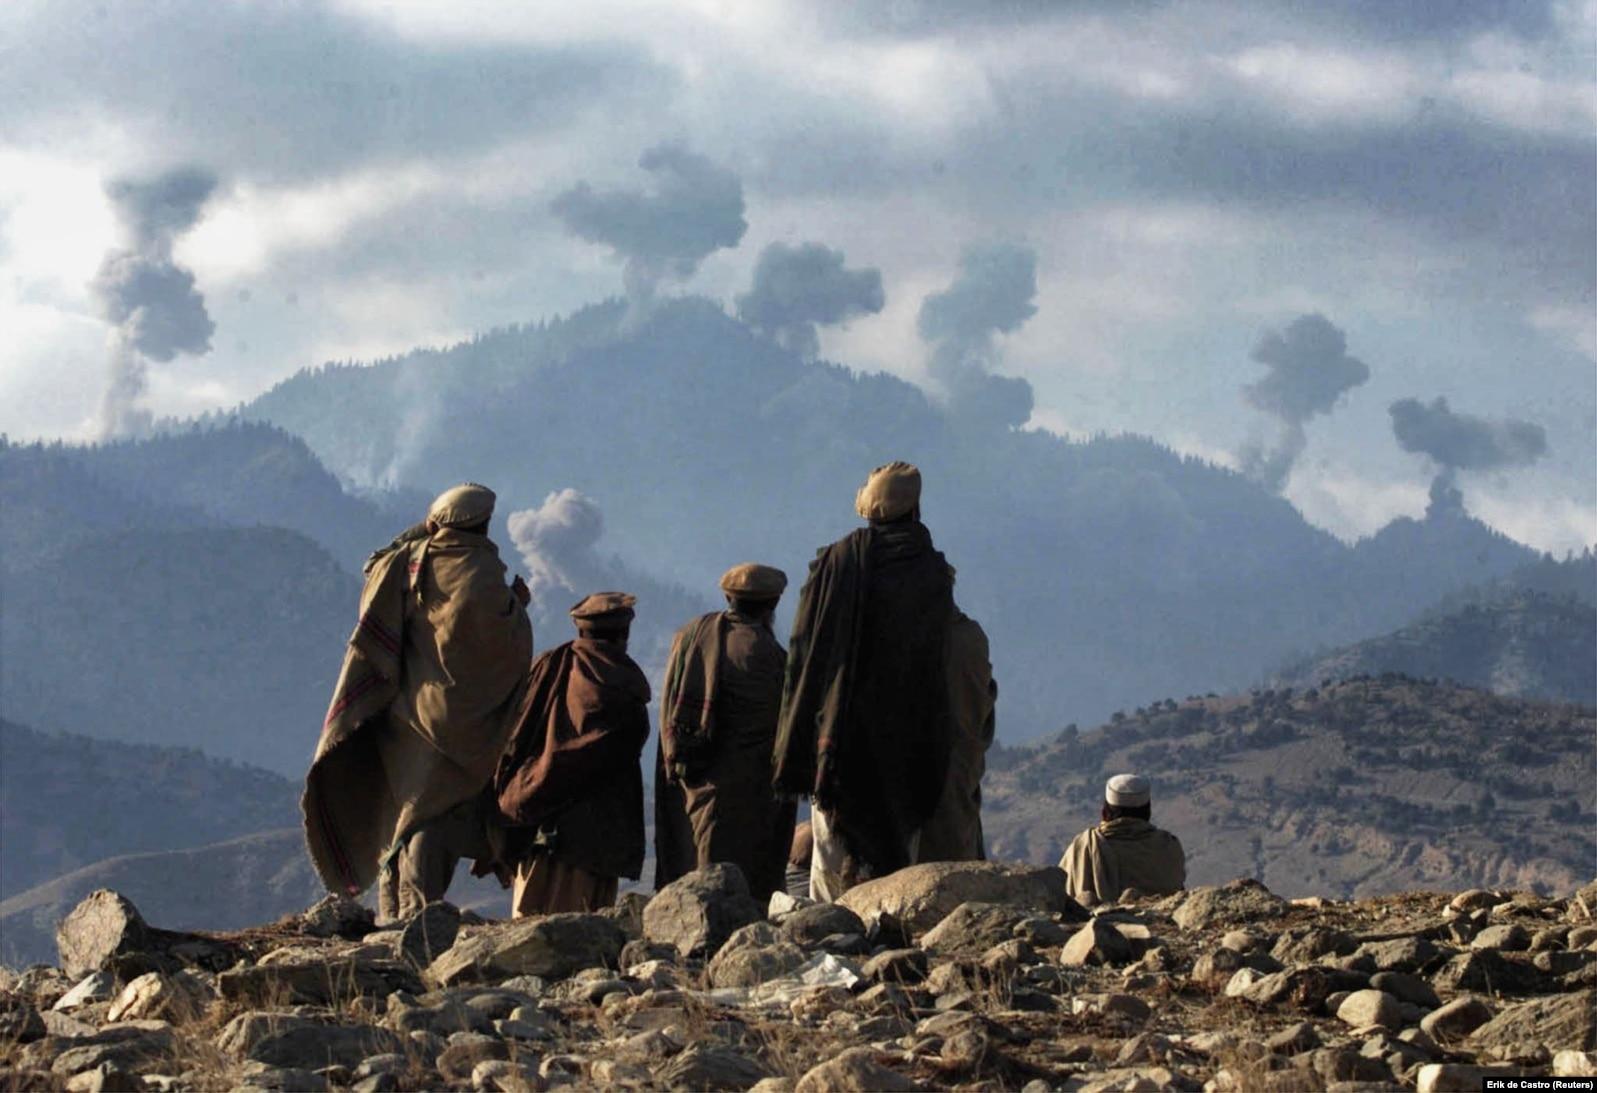 Afganistanski borci protiv talibana gledaju eksplozije nastale nakon što su SAD bombardovale Tora Bora špilje gdje se, kako navode, skrivao Bin Laden, 16. decembar 2001.